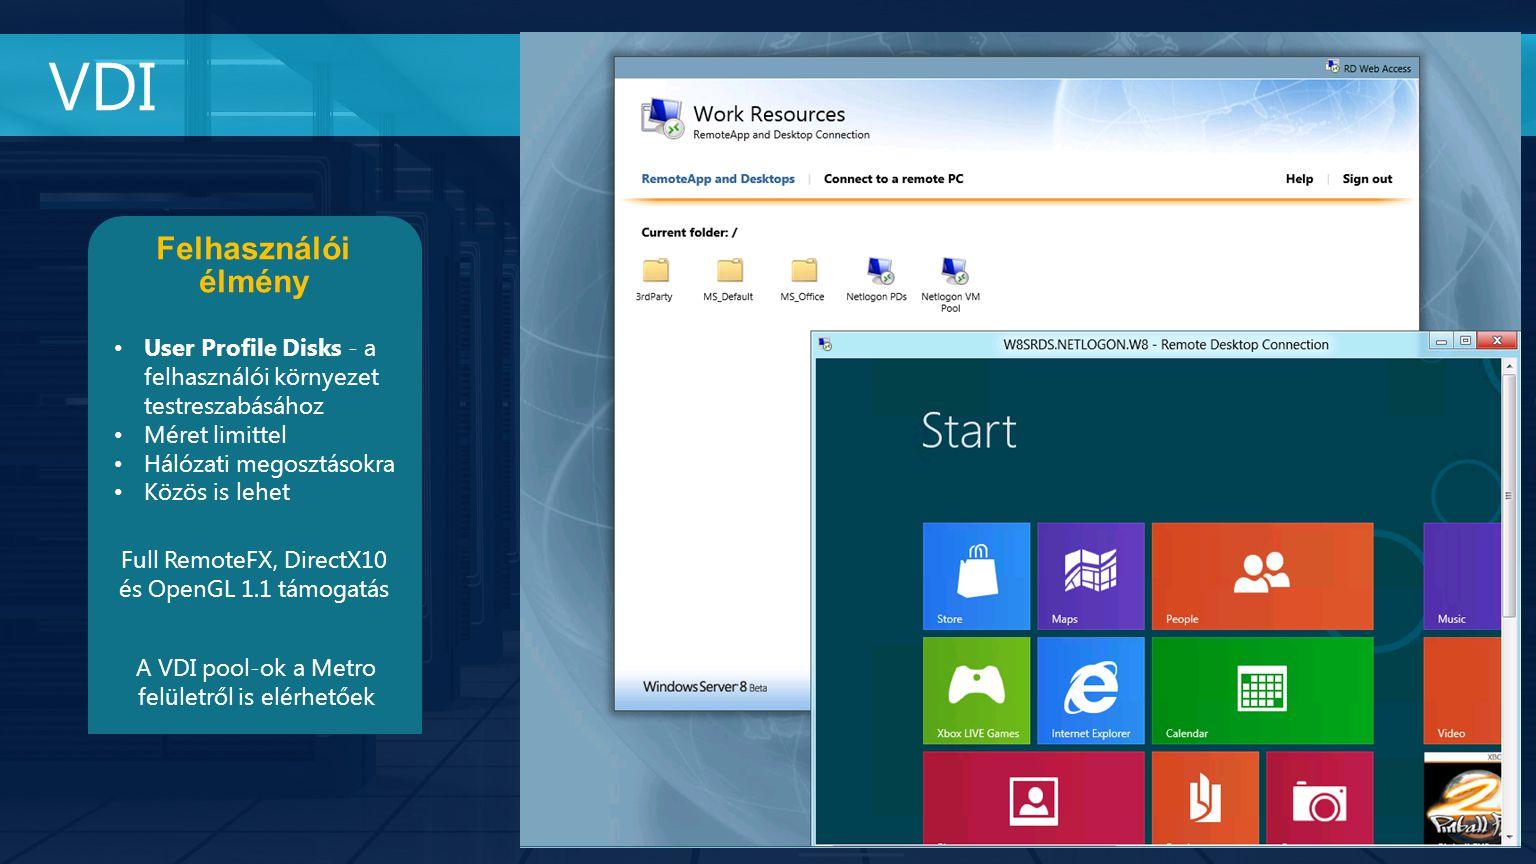 VDI Felhasználói élmény User Profile Disks - a felhasználói környezet testreszabásához Méret limittel Hálózati megosztásokra Közös is lehet Full RemoteFX, DirectX10 és OpenGL 1.1 támogatás A VDI pool-ok a Metro felületről is elérhetőek